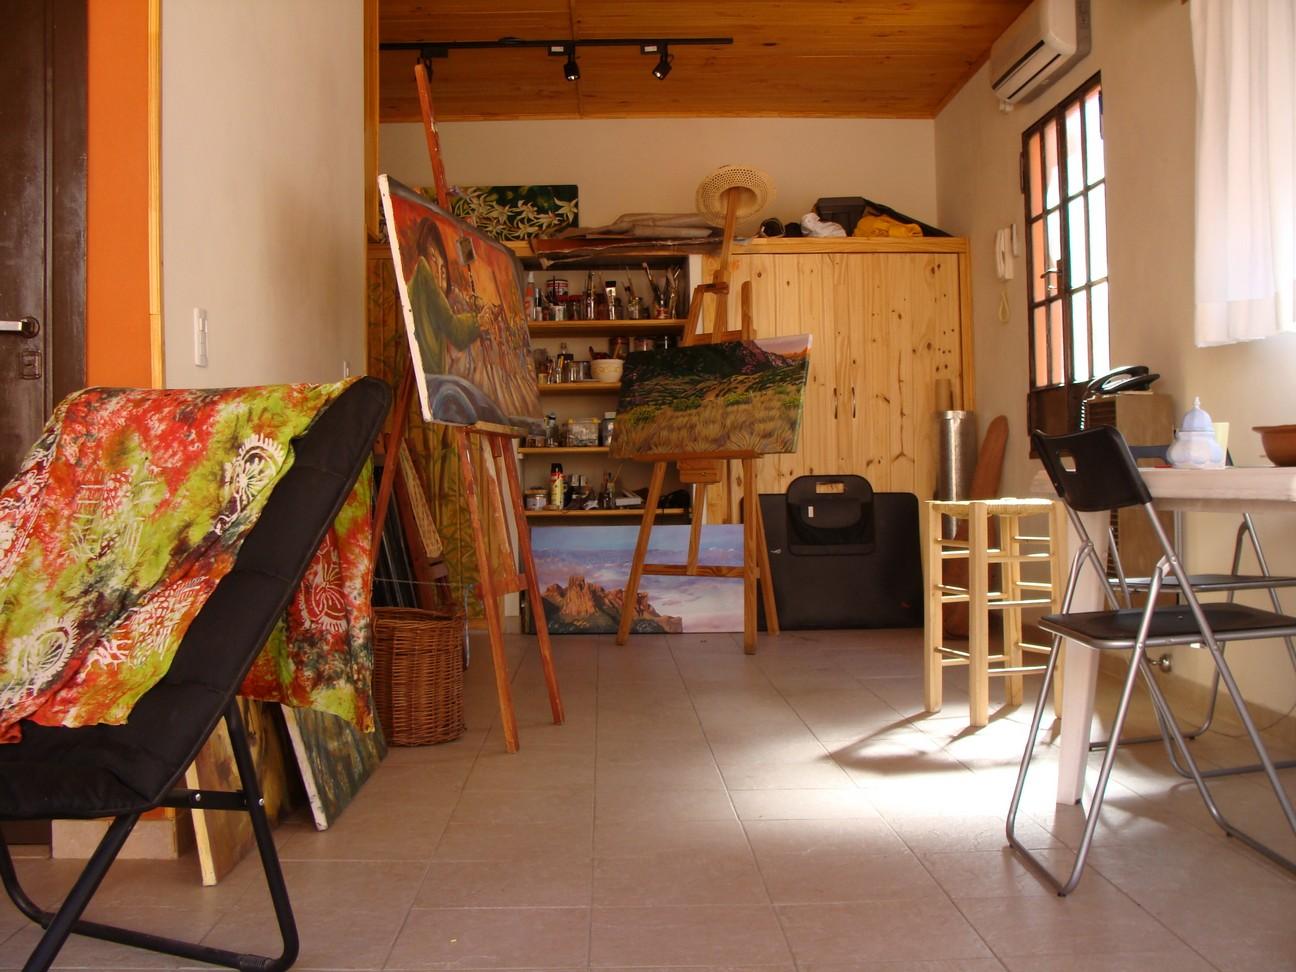 Olinda oficina de arte olivia castro cranwell for Taller de artesanias